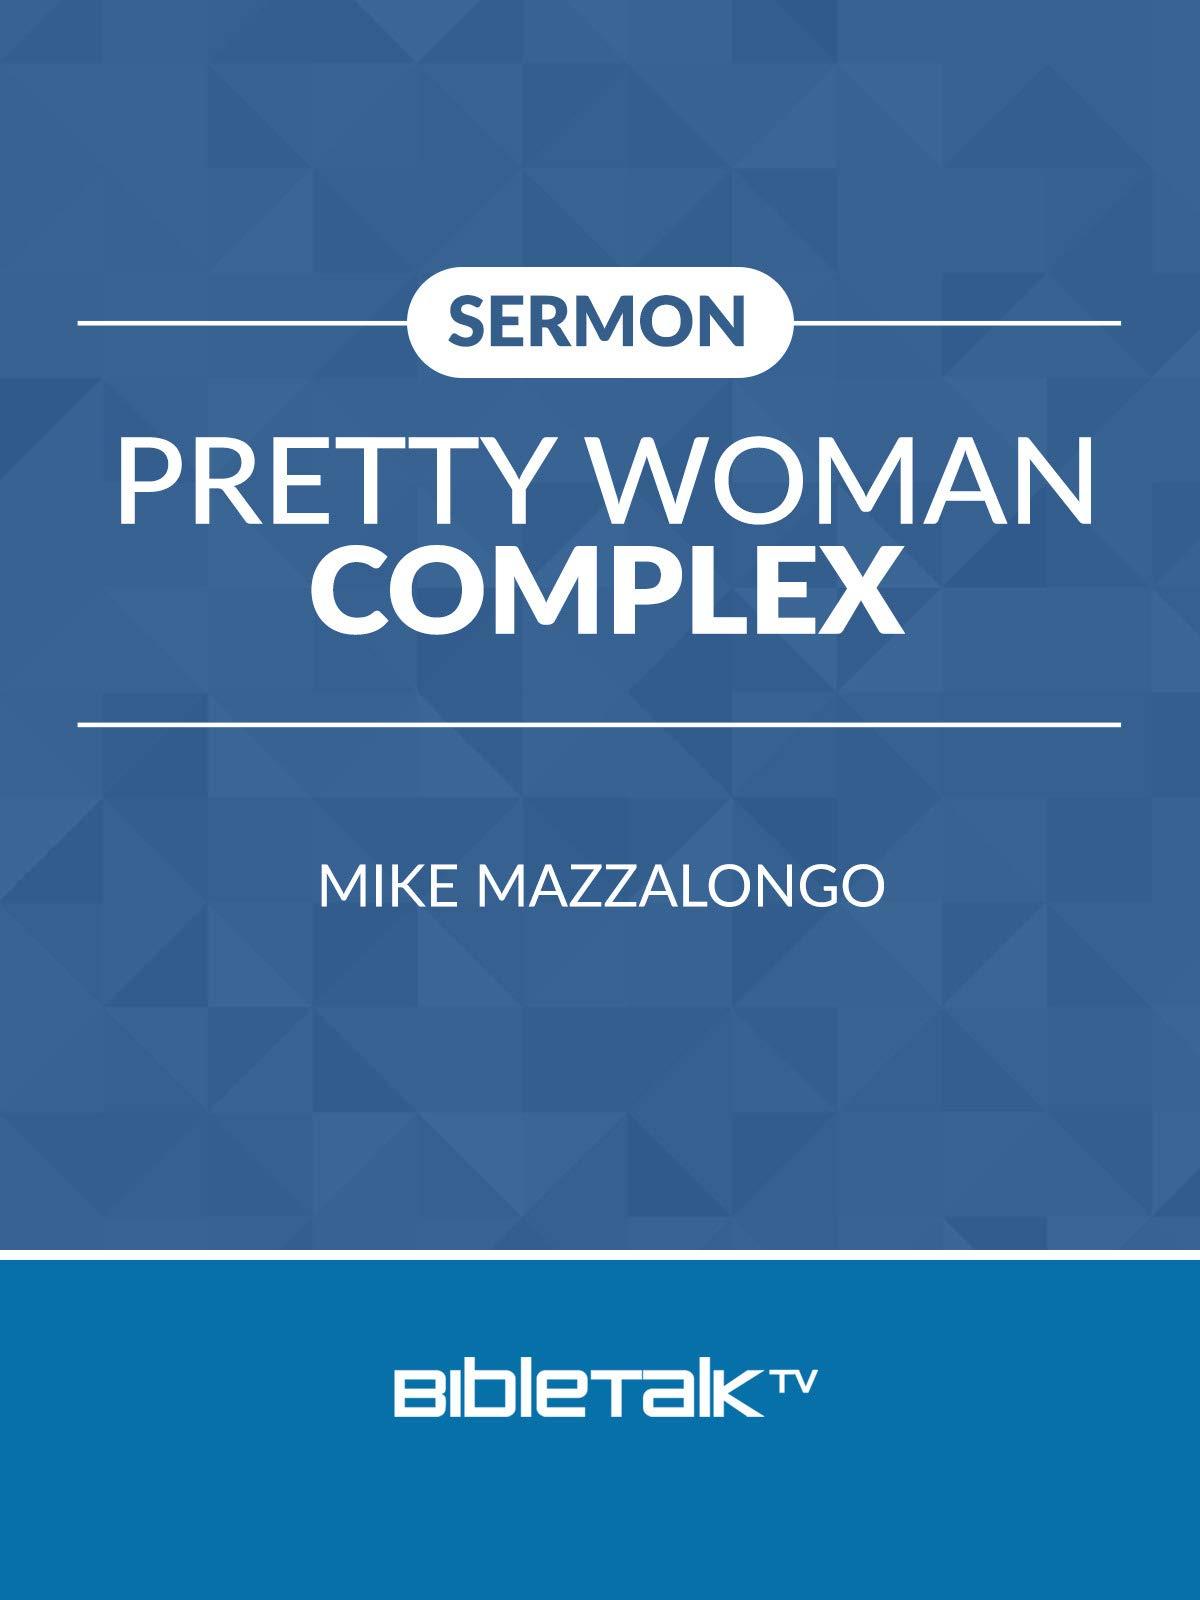 Sermon: Pretty Woman Complete